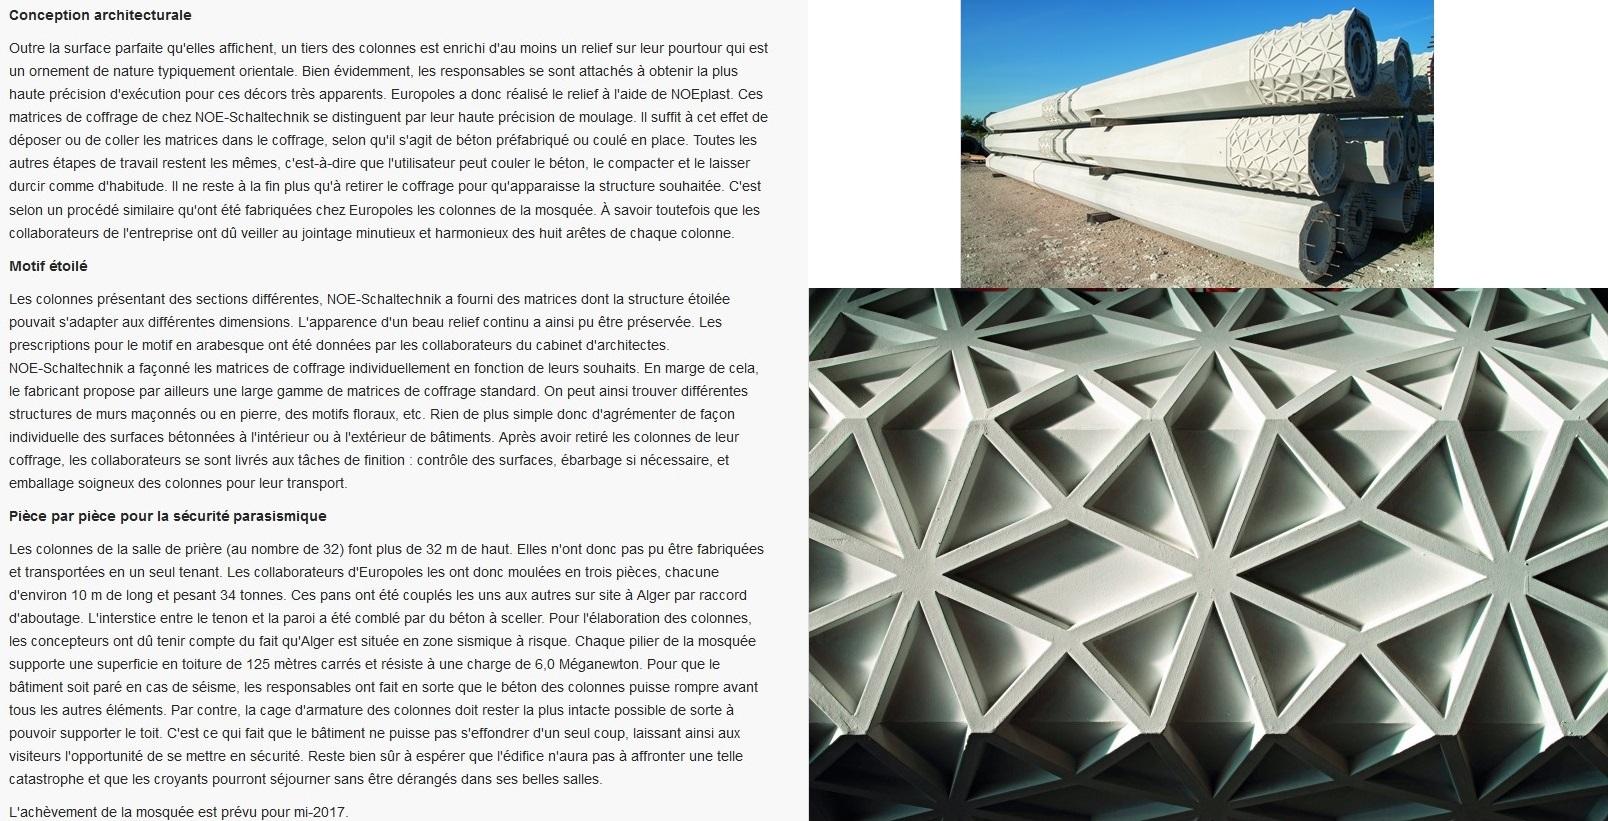 مشروع جامع الجزائر الأعظم: إعطاء إشارة إنطلاق أشغال الإنجاز - صفحة 7 8237309522